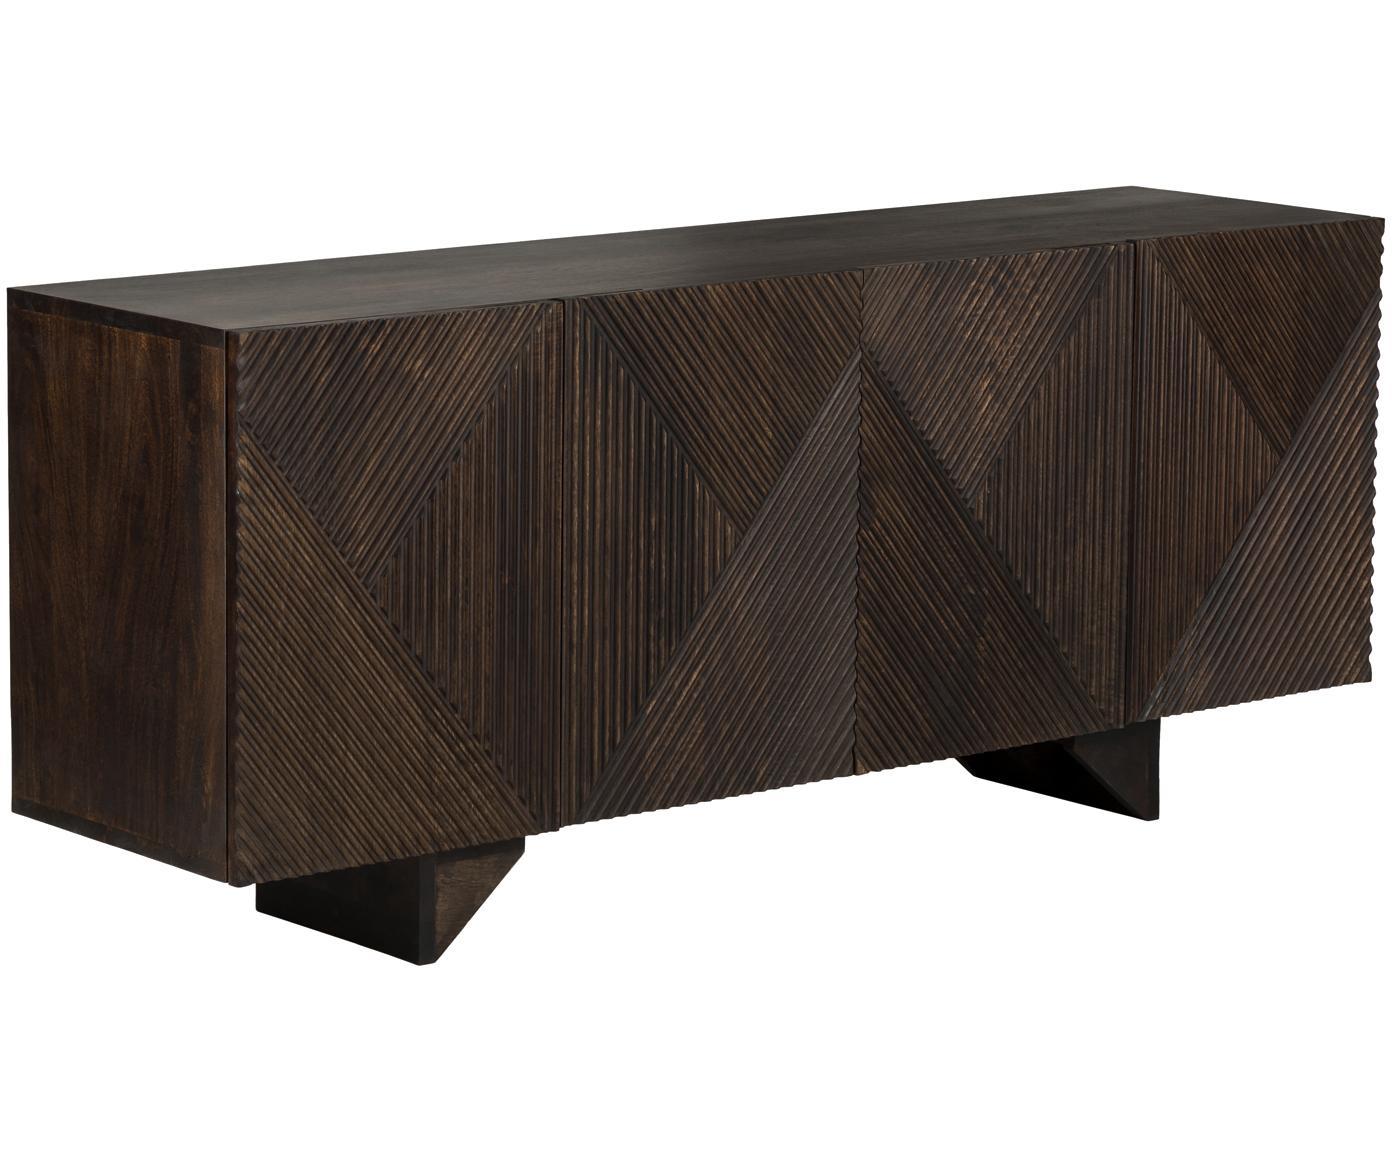 Sideboard Louis aus massiven Mangoholz, Mangoholz, massiv, Mangoholz, lackiert, 177 x 75 cm